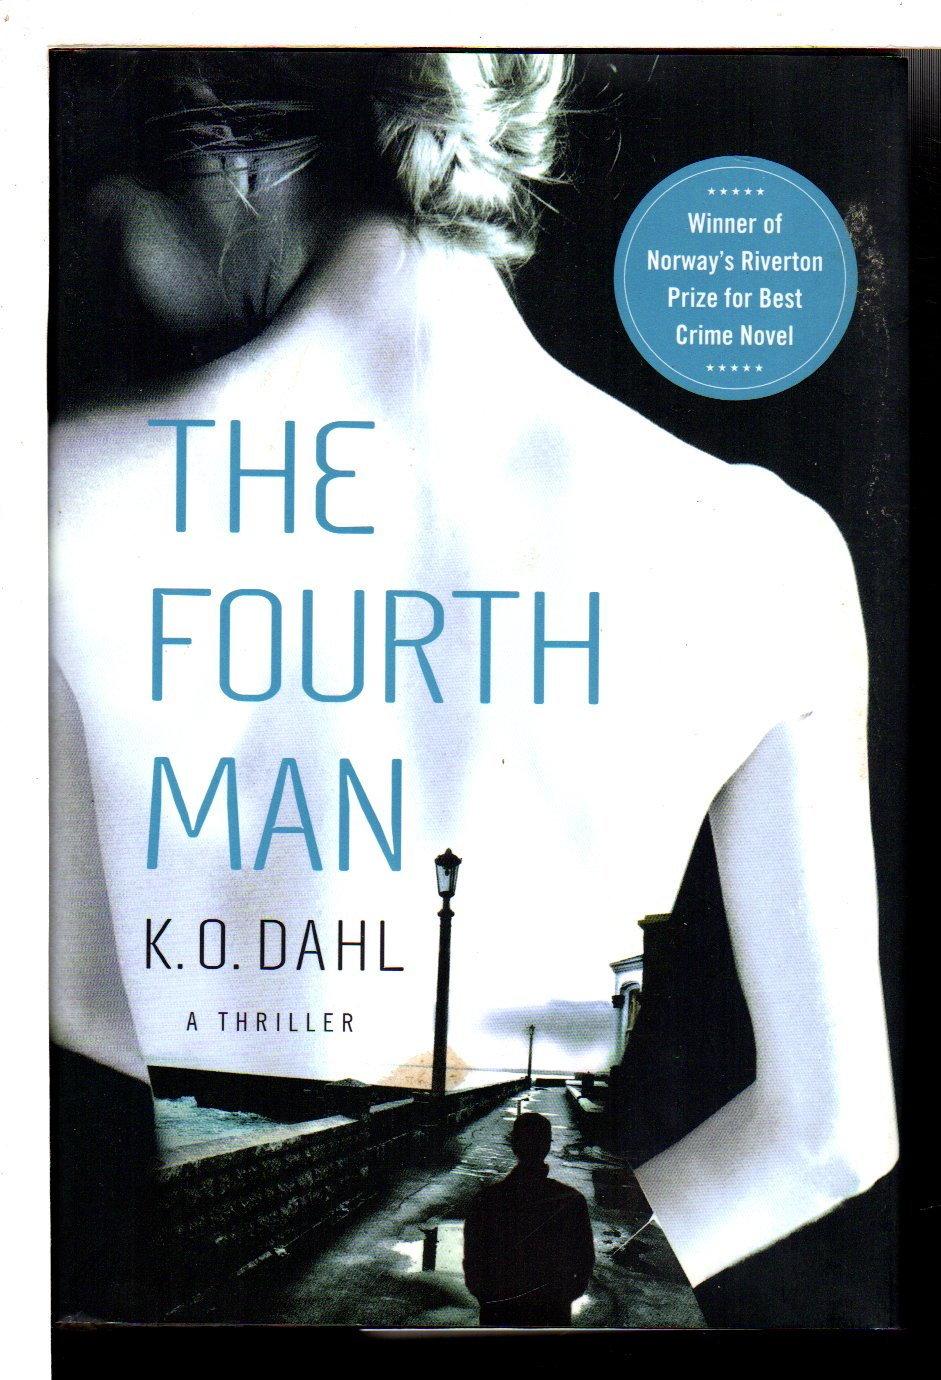 DAHL, K.O. - THE FOURTH MAN.